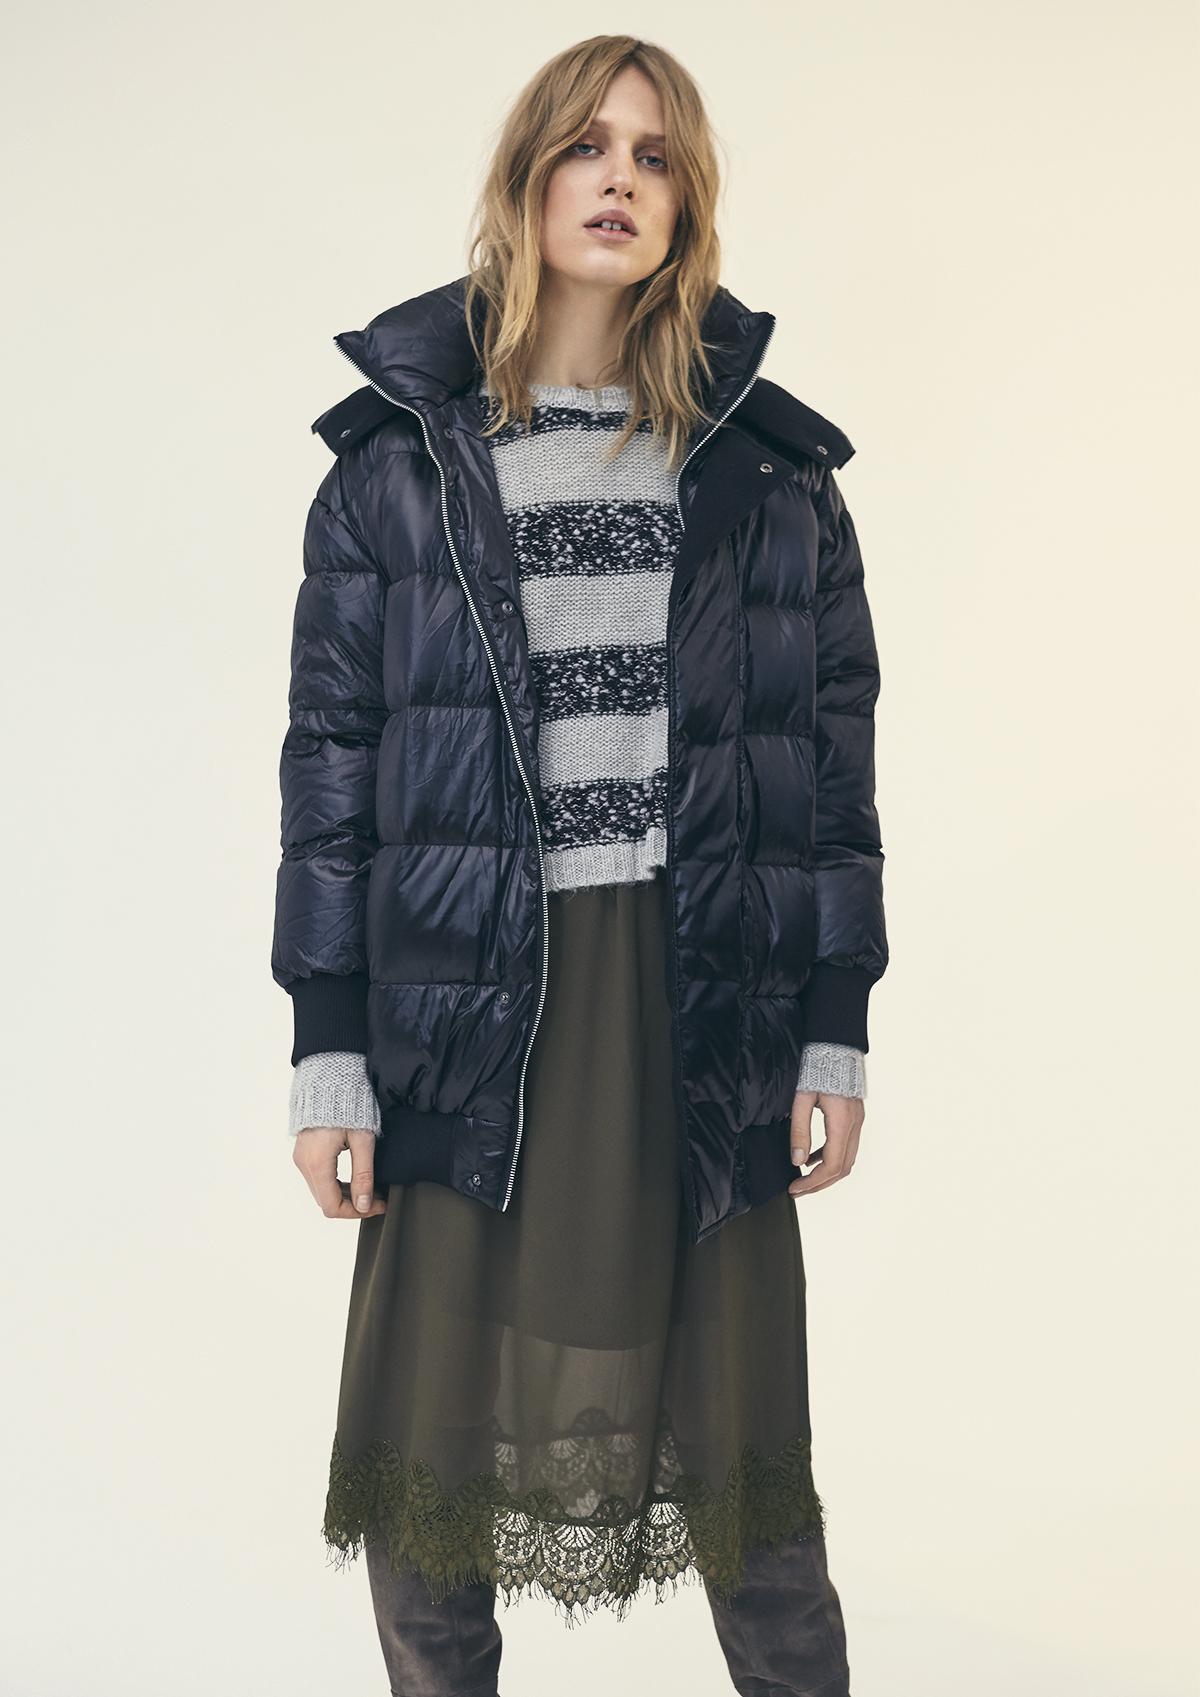 custommade_lookbook_autumn-winter17_25.jpg